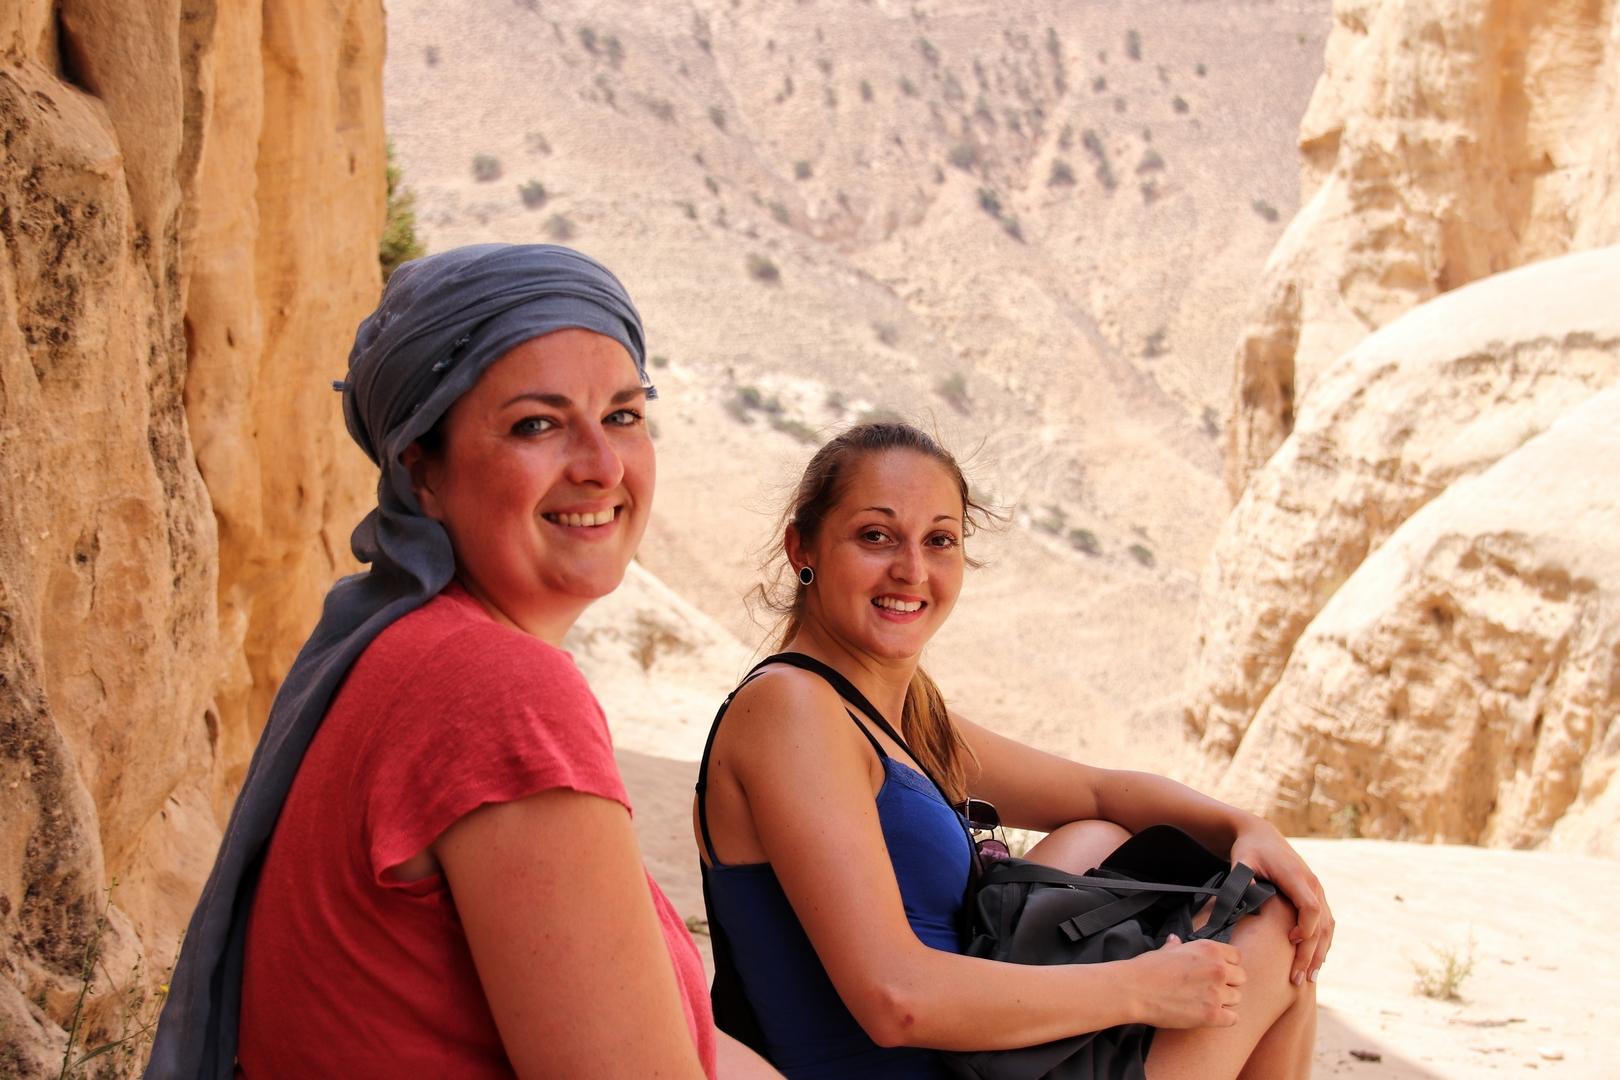 Jordanie - Pause thé pendant la randonnée dans la réserve de Dana